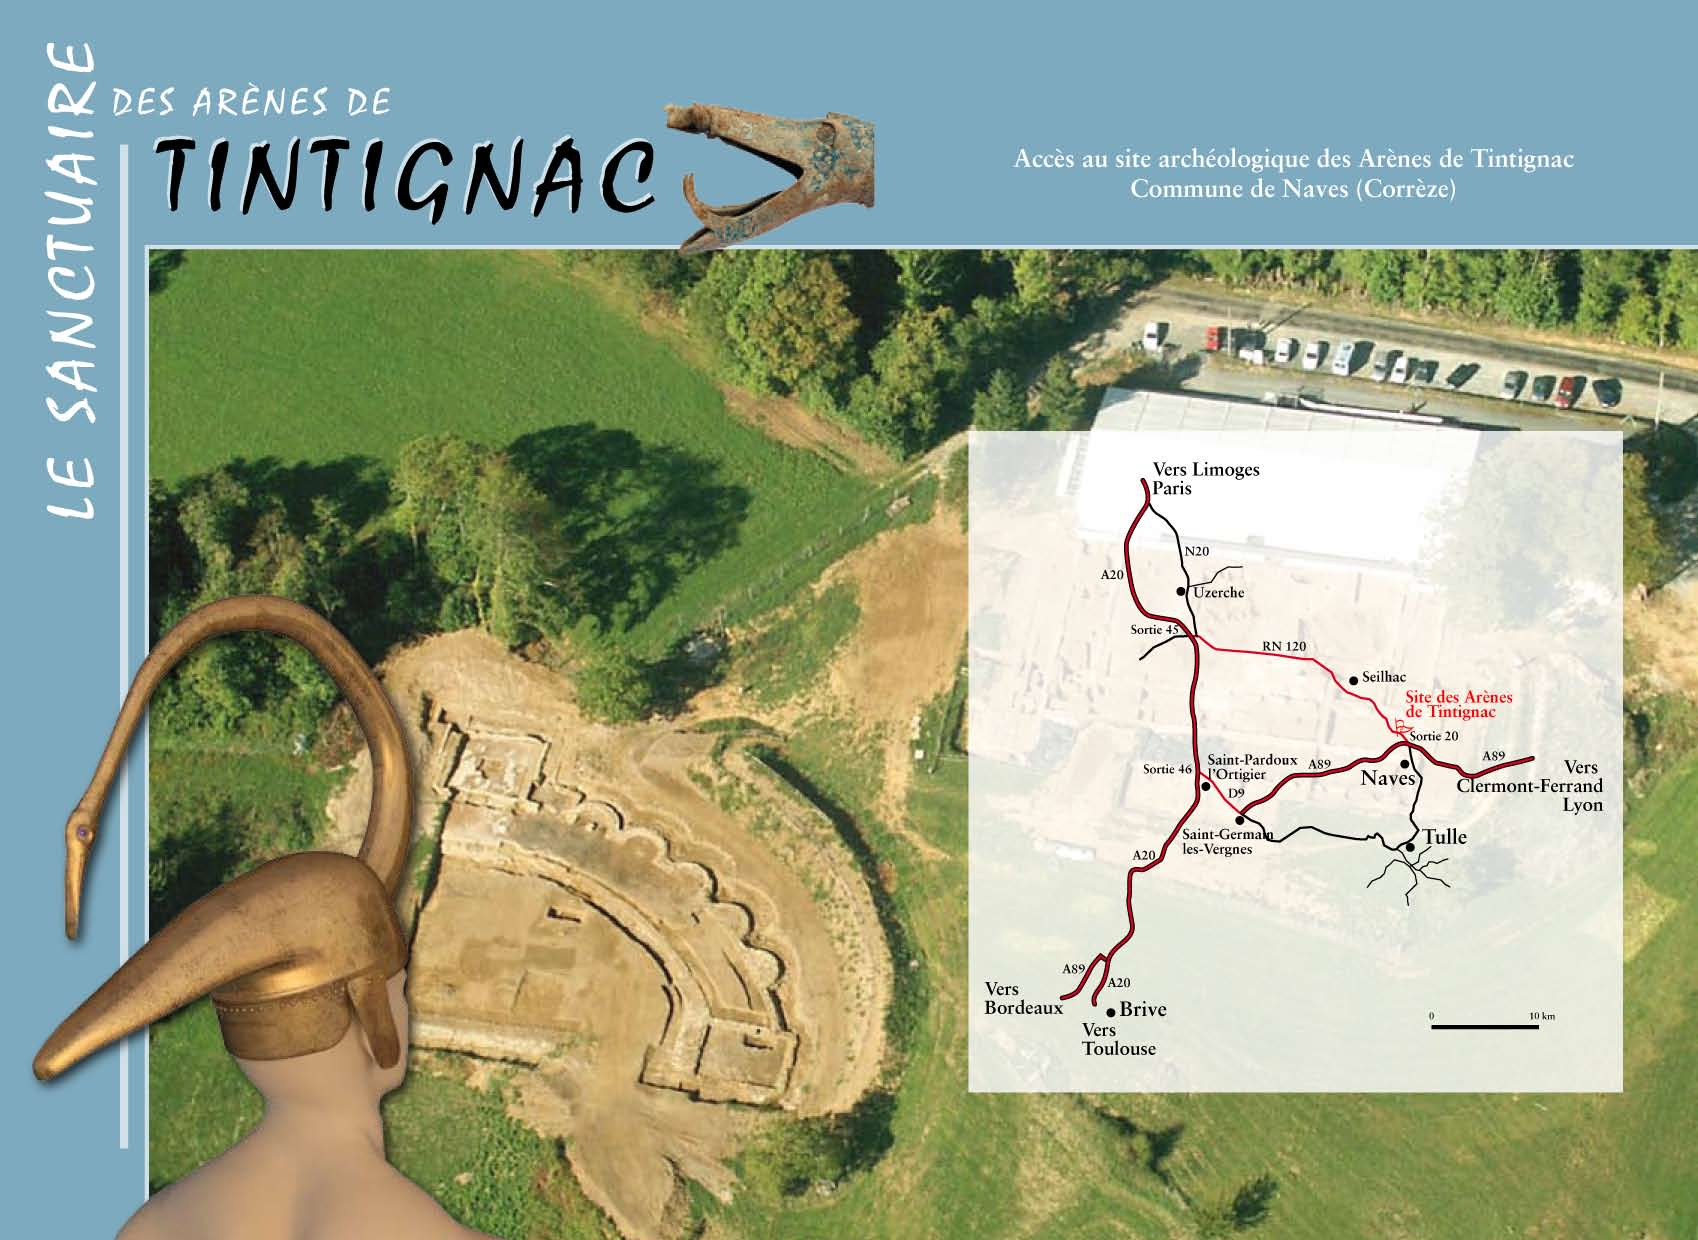 Le sanctuaire des arènes de Tintignac